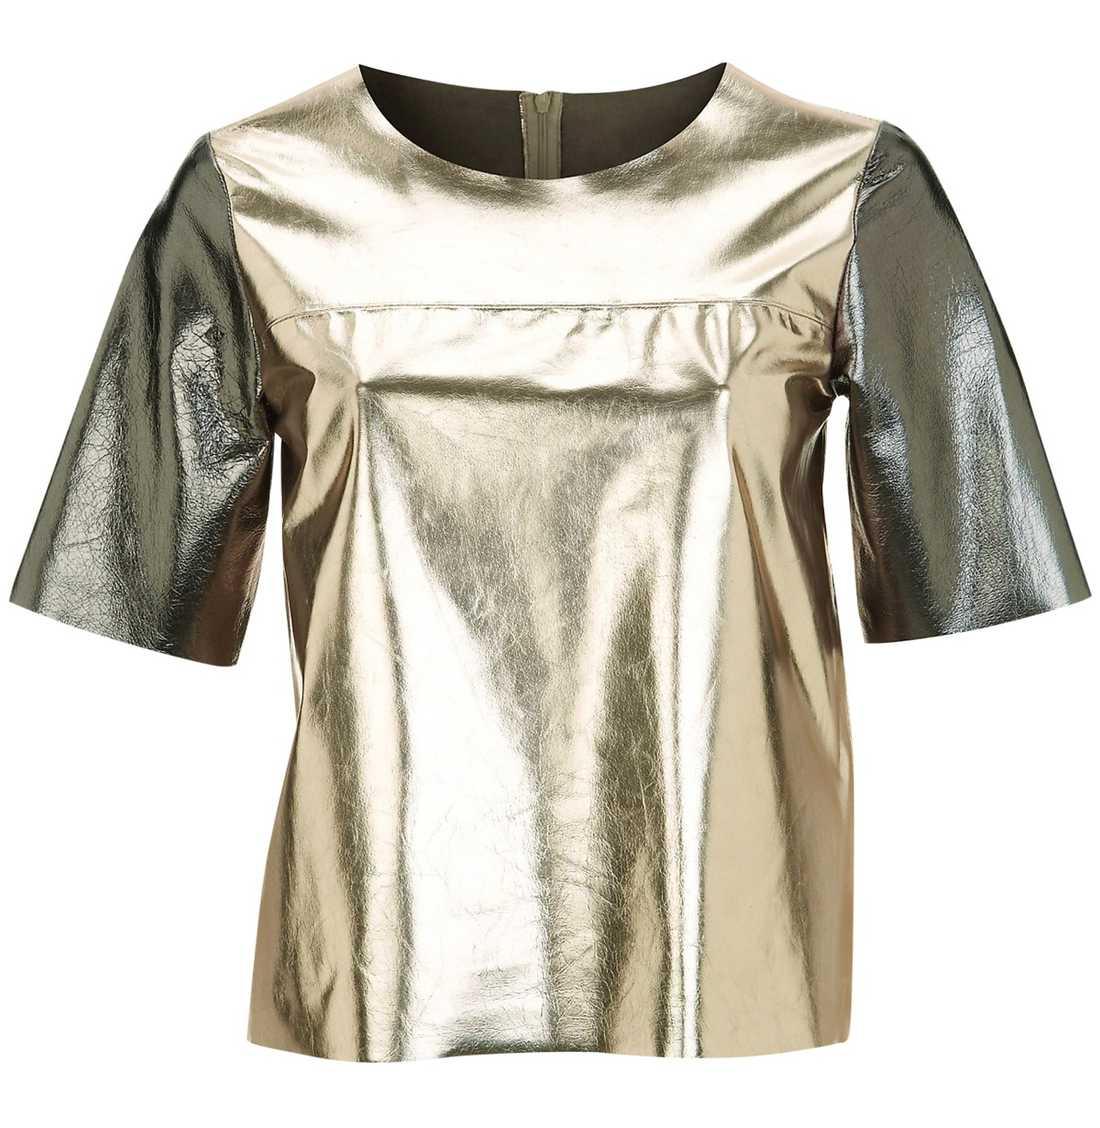 Färgat läder Topshop. 1 699 kr. Bär denna lädertopp till fest! Matcha med ett par tajta eller supervida byxor.